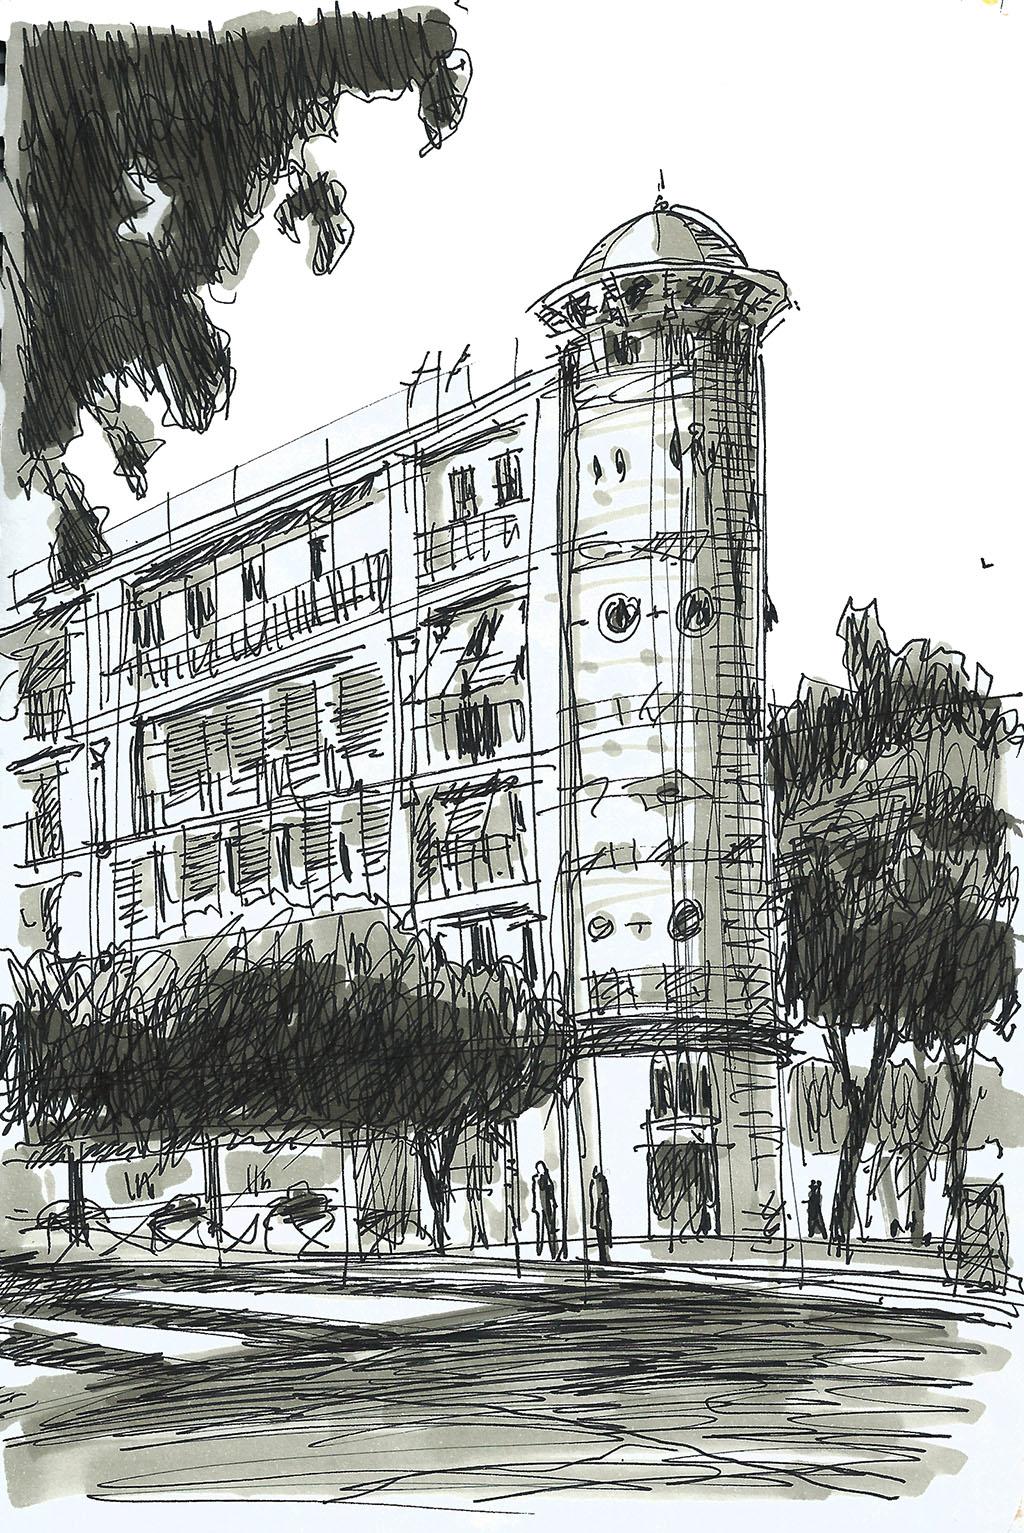 sketchbook dibujo alcalá madrid urbano